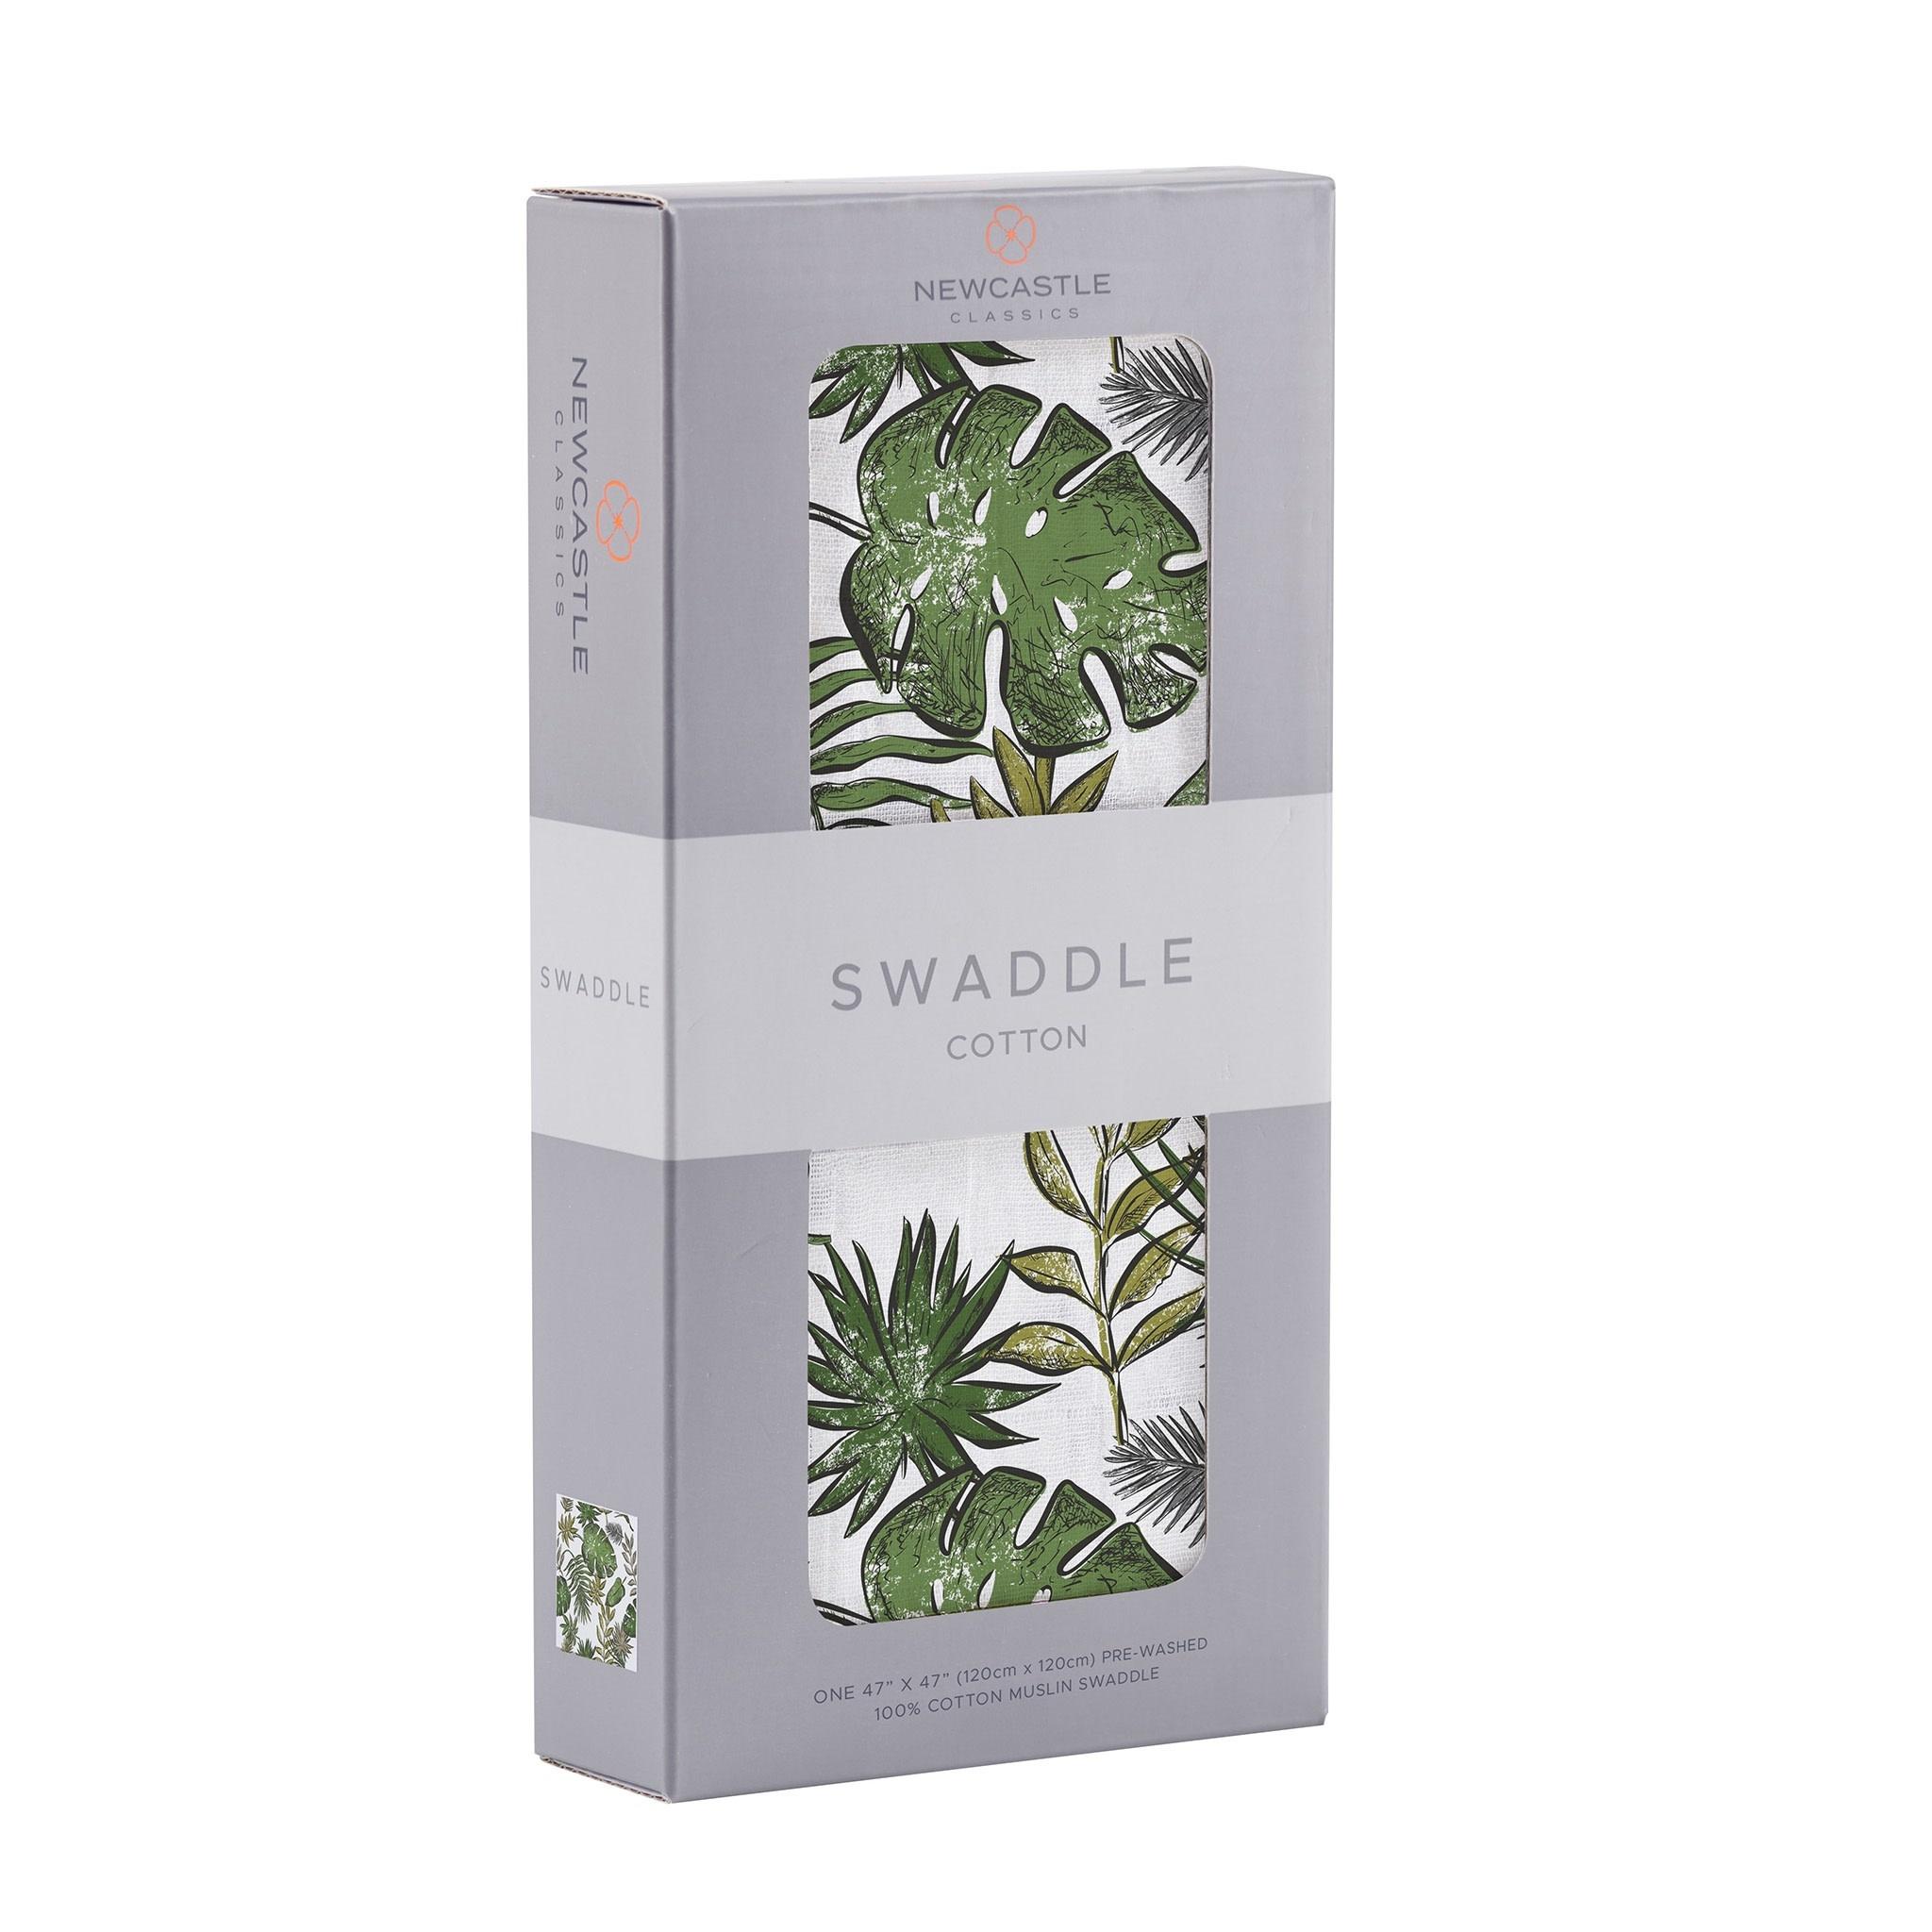 Newcastle Classics Newcastle Classics | Jurassic Forest Swaddle